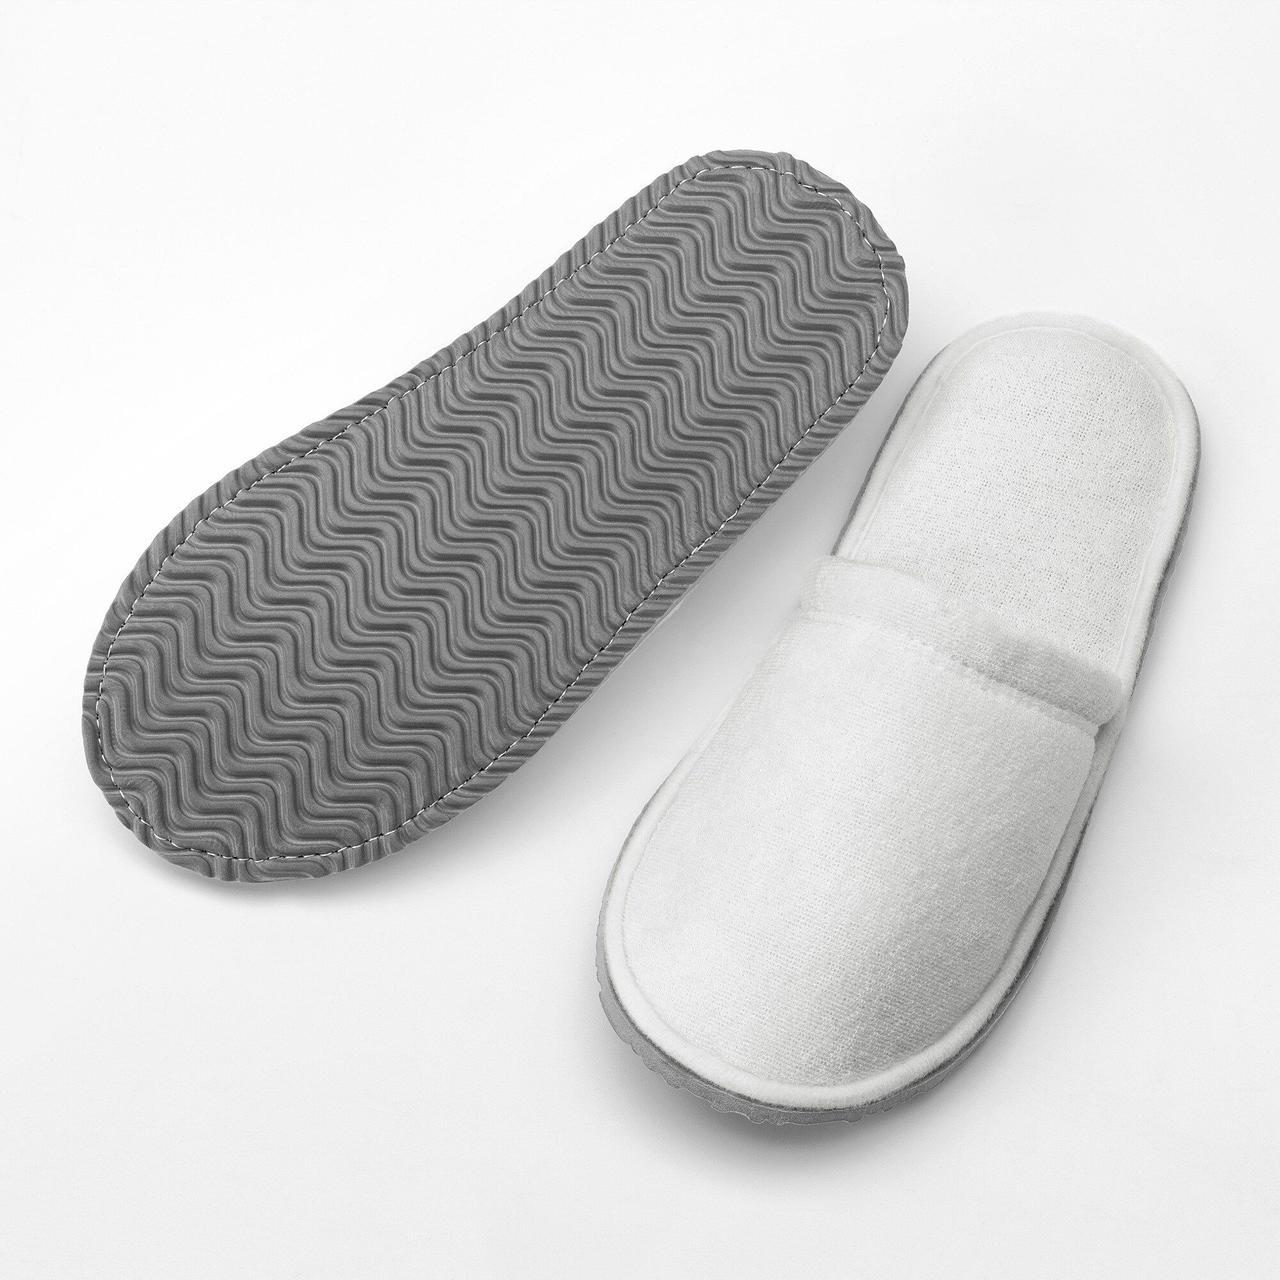 Передплата! Тапочки домашні білі IKEA TASJON 41-43 30 см 803.920.23